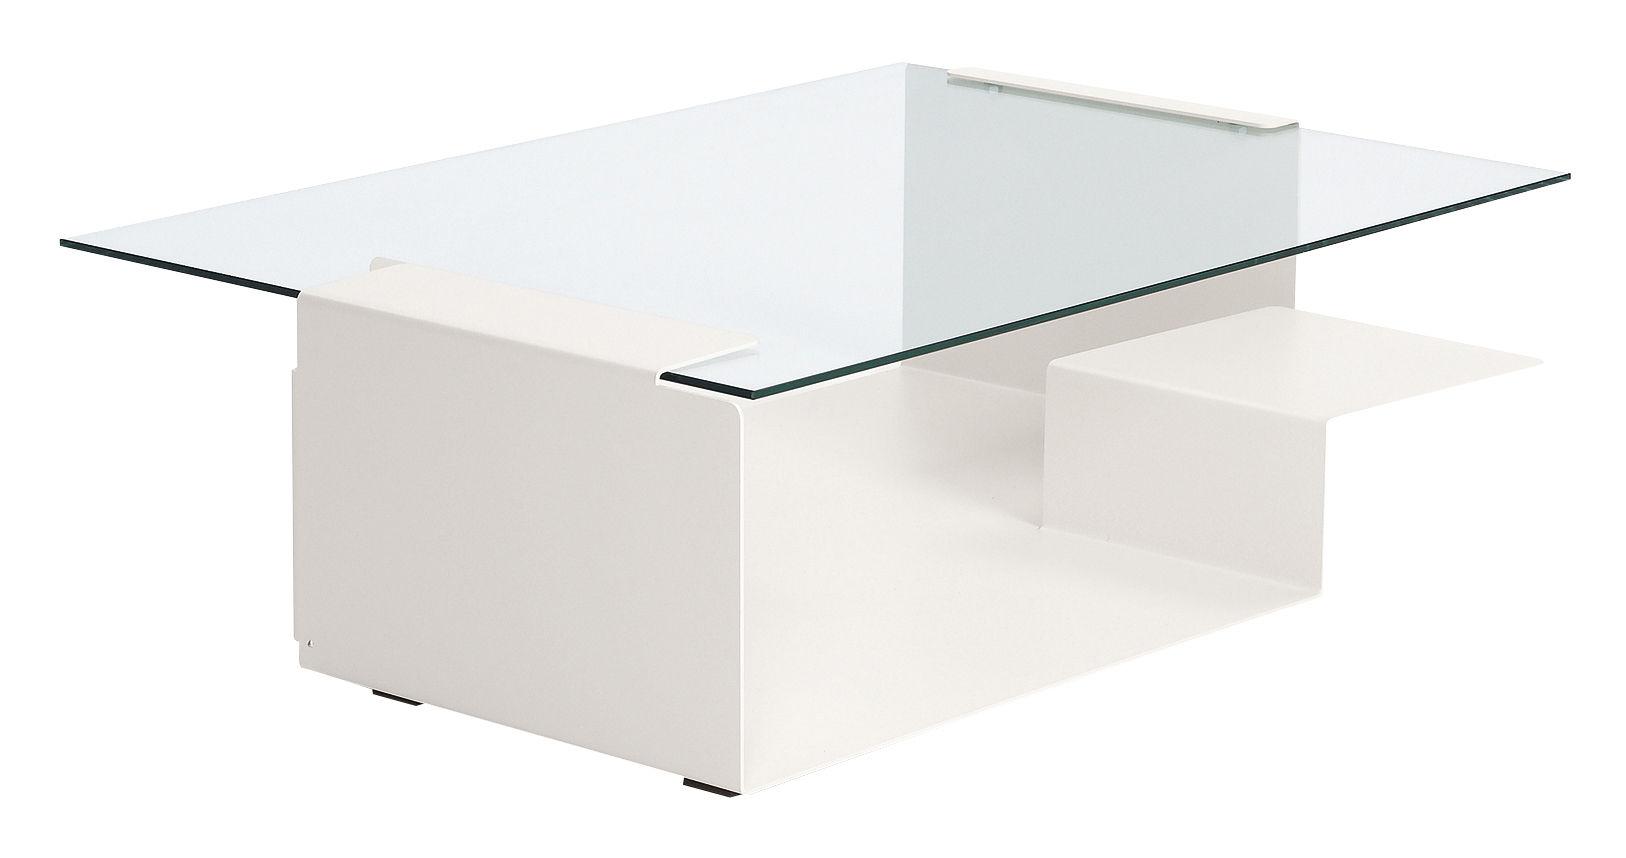 Arredamento - Tavolini  - Tavolino Diana D di ClassiCon - Bianco - Vetro